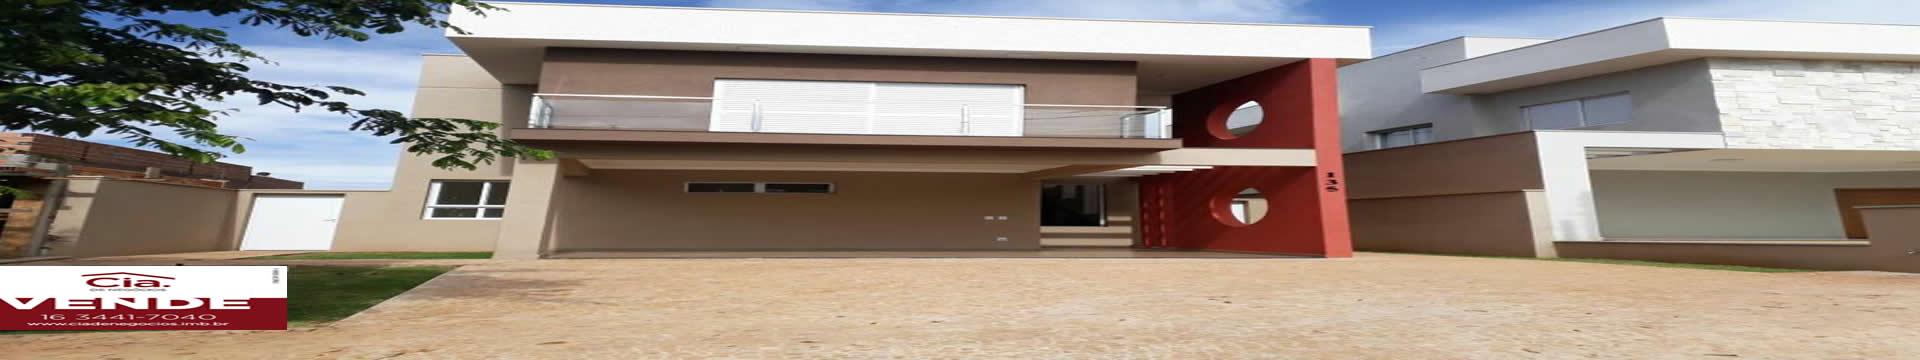 Cia de Negócios - Imobiliária em Ribeirão Preto - Casa - Bonfim Paulista - Rib Preto